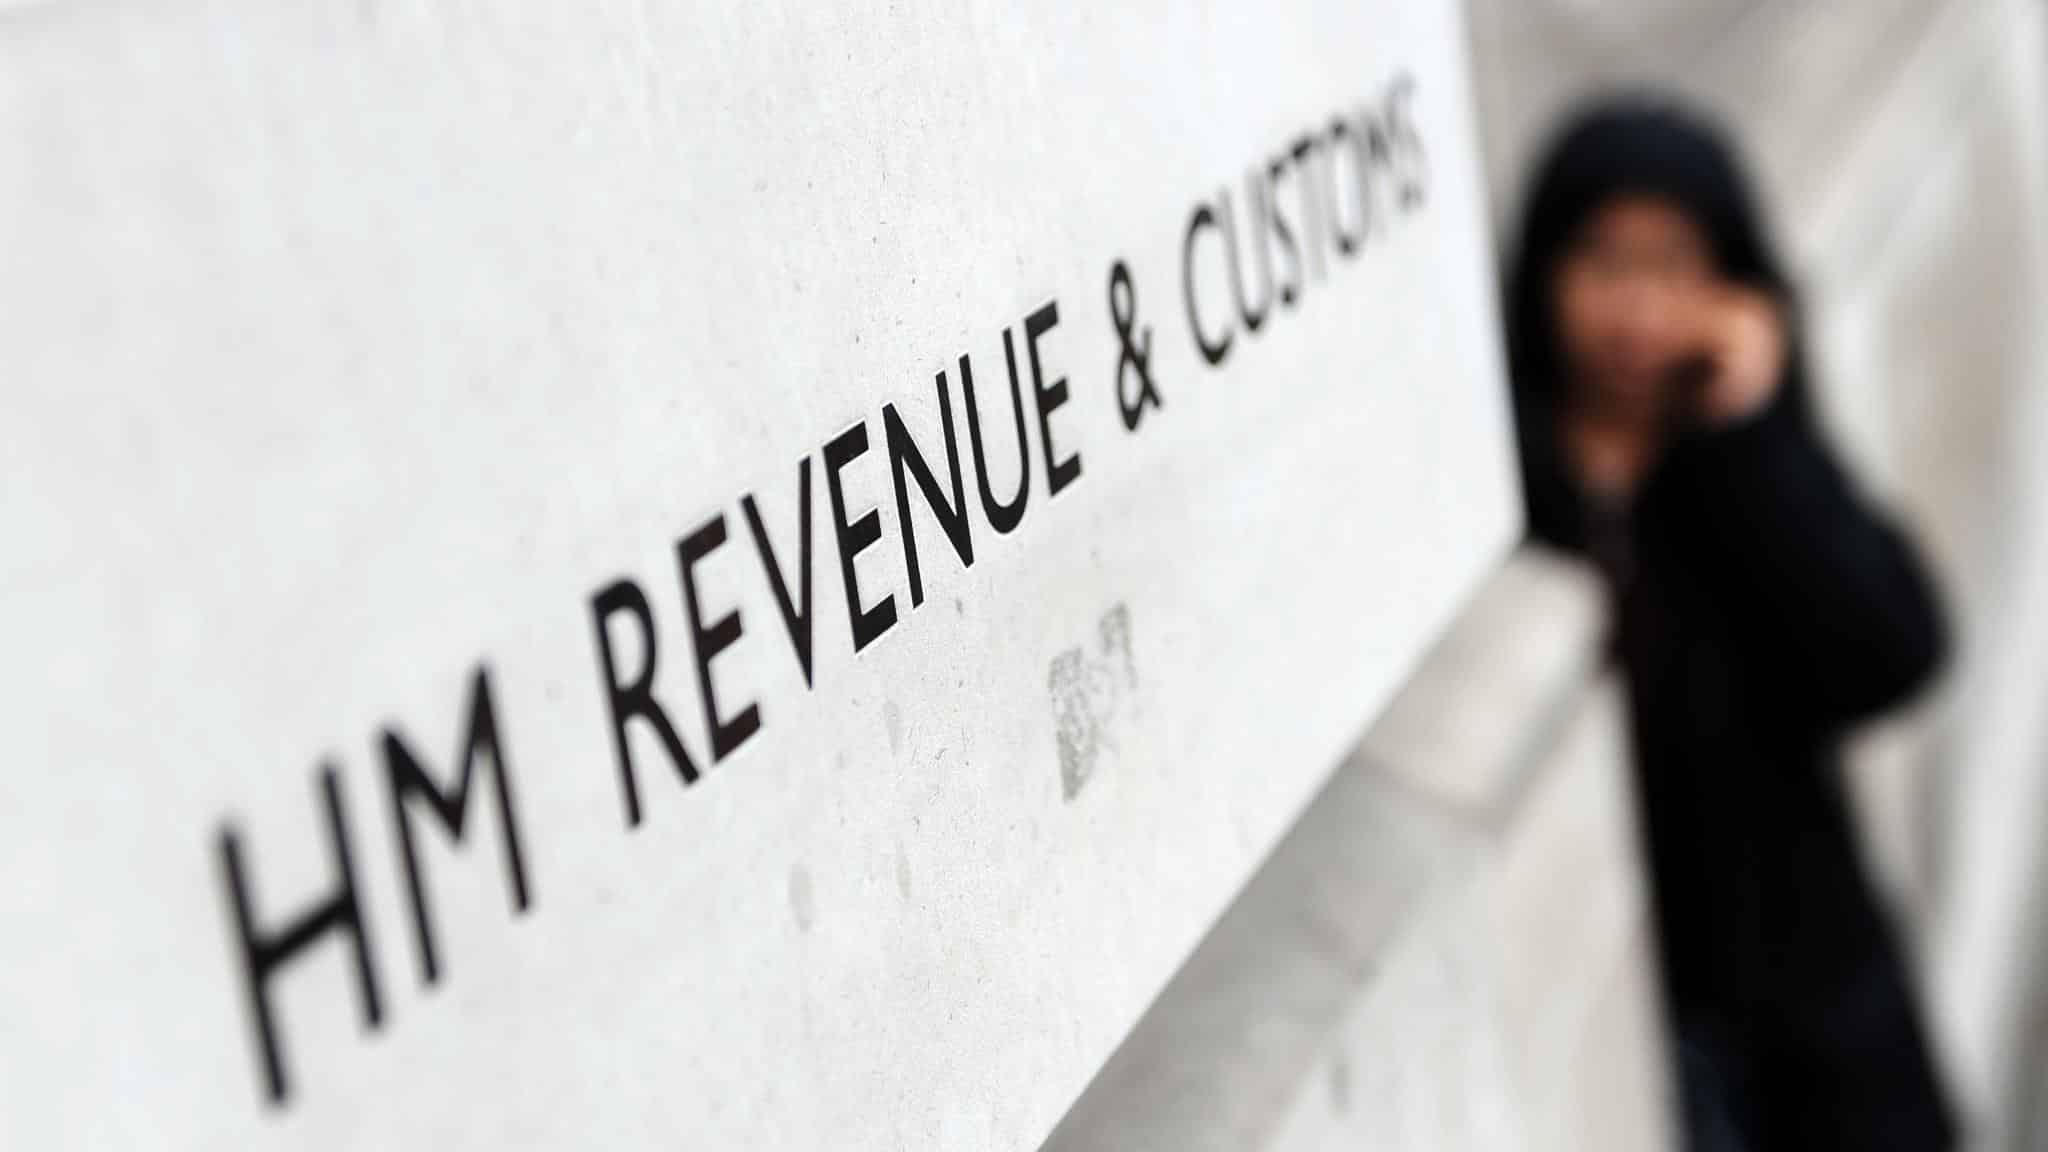 Cheating Revenue Tax Evasion